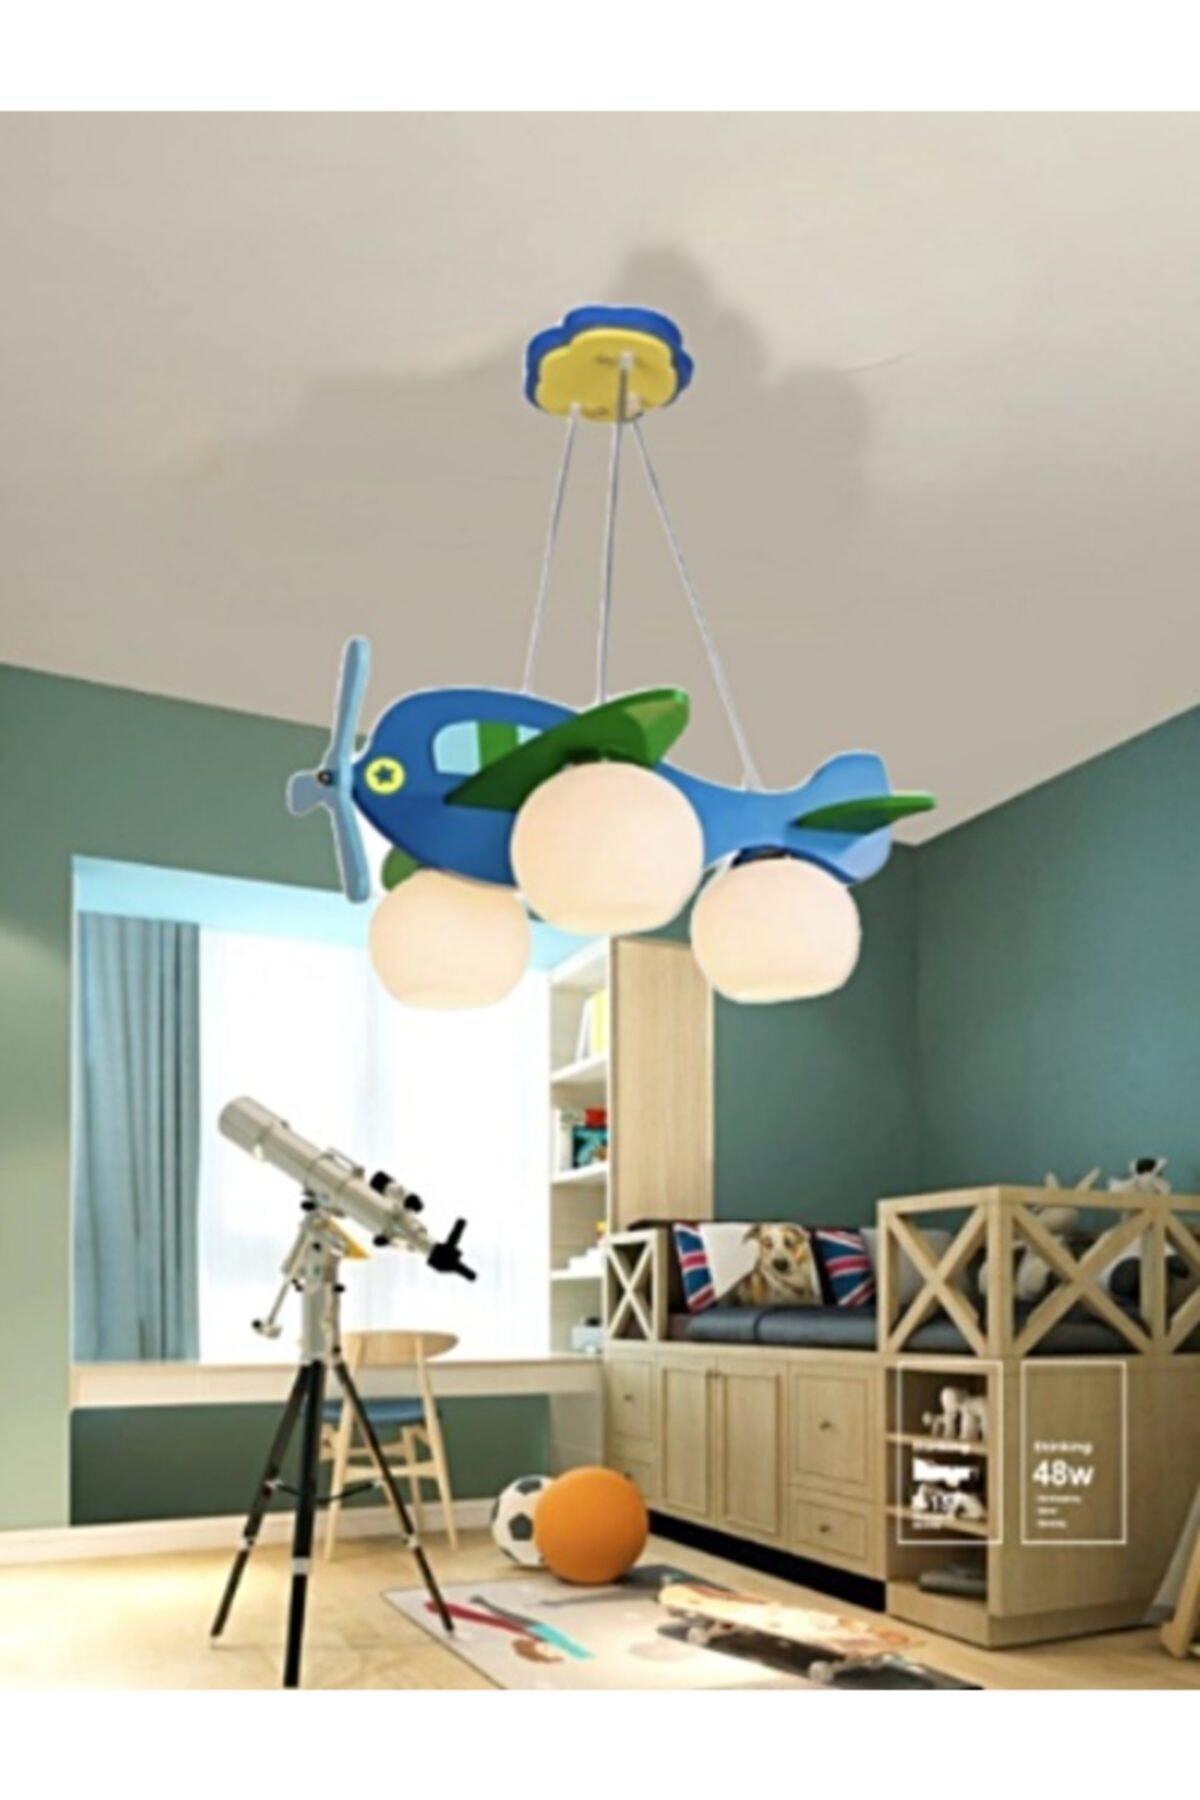 ışıksan aydınlatma Çocuk Odası Avize Helikopter Sarkıt Üçlü Mavi Yeşil 1